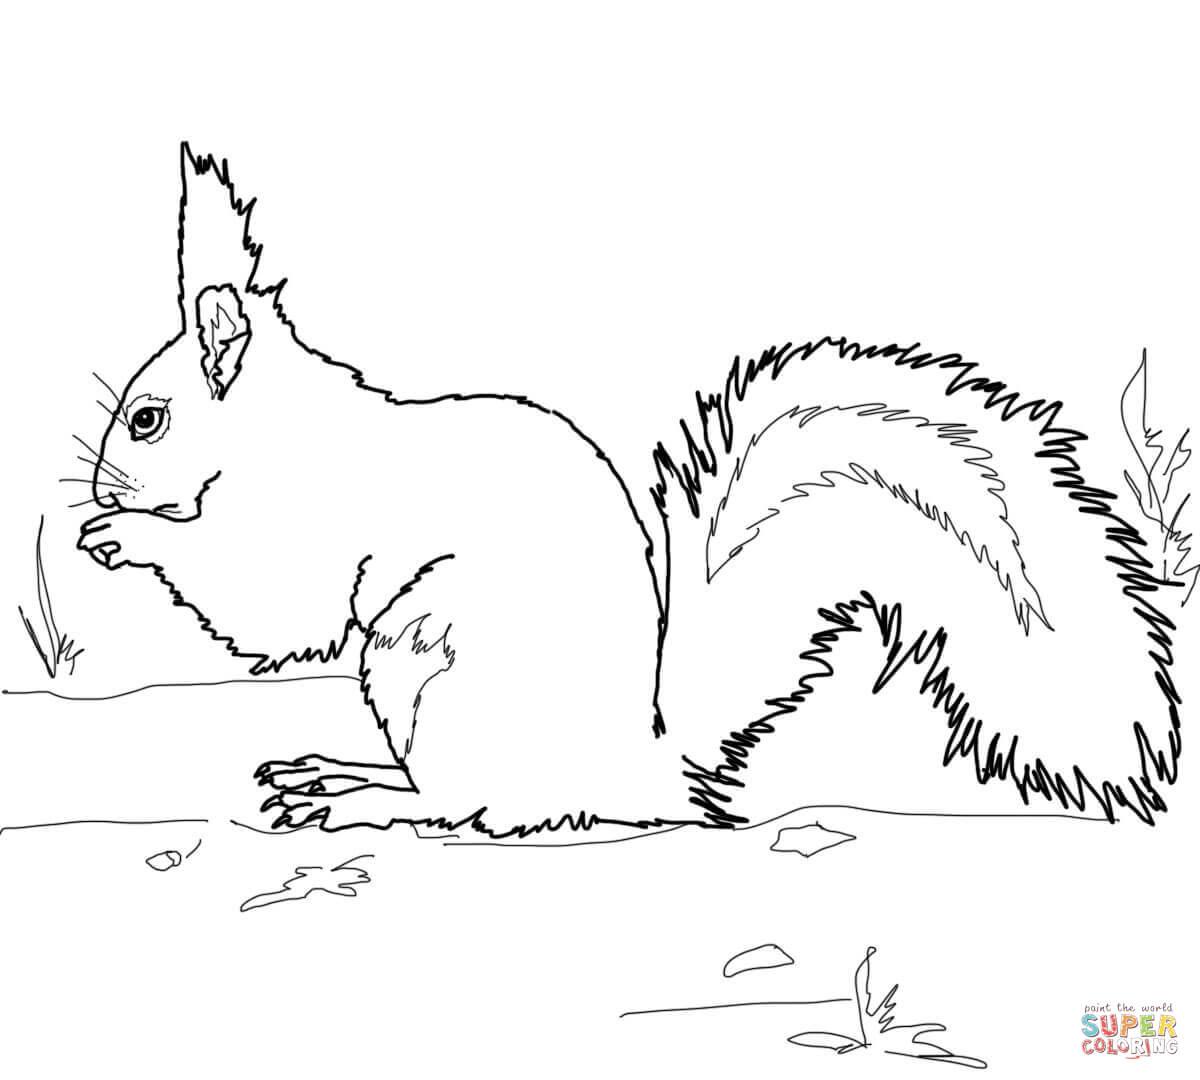 Ausmalbilder Eichhörnchen - Malvorlagen Kostenlos Zum Ausdrucken ganzes Eichhörnchen Zum Ausmalen